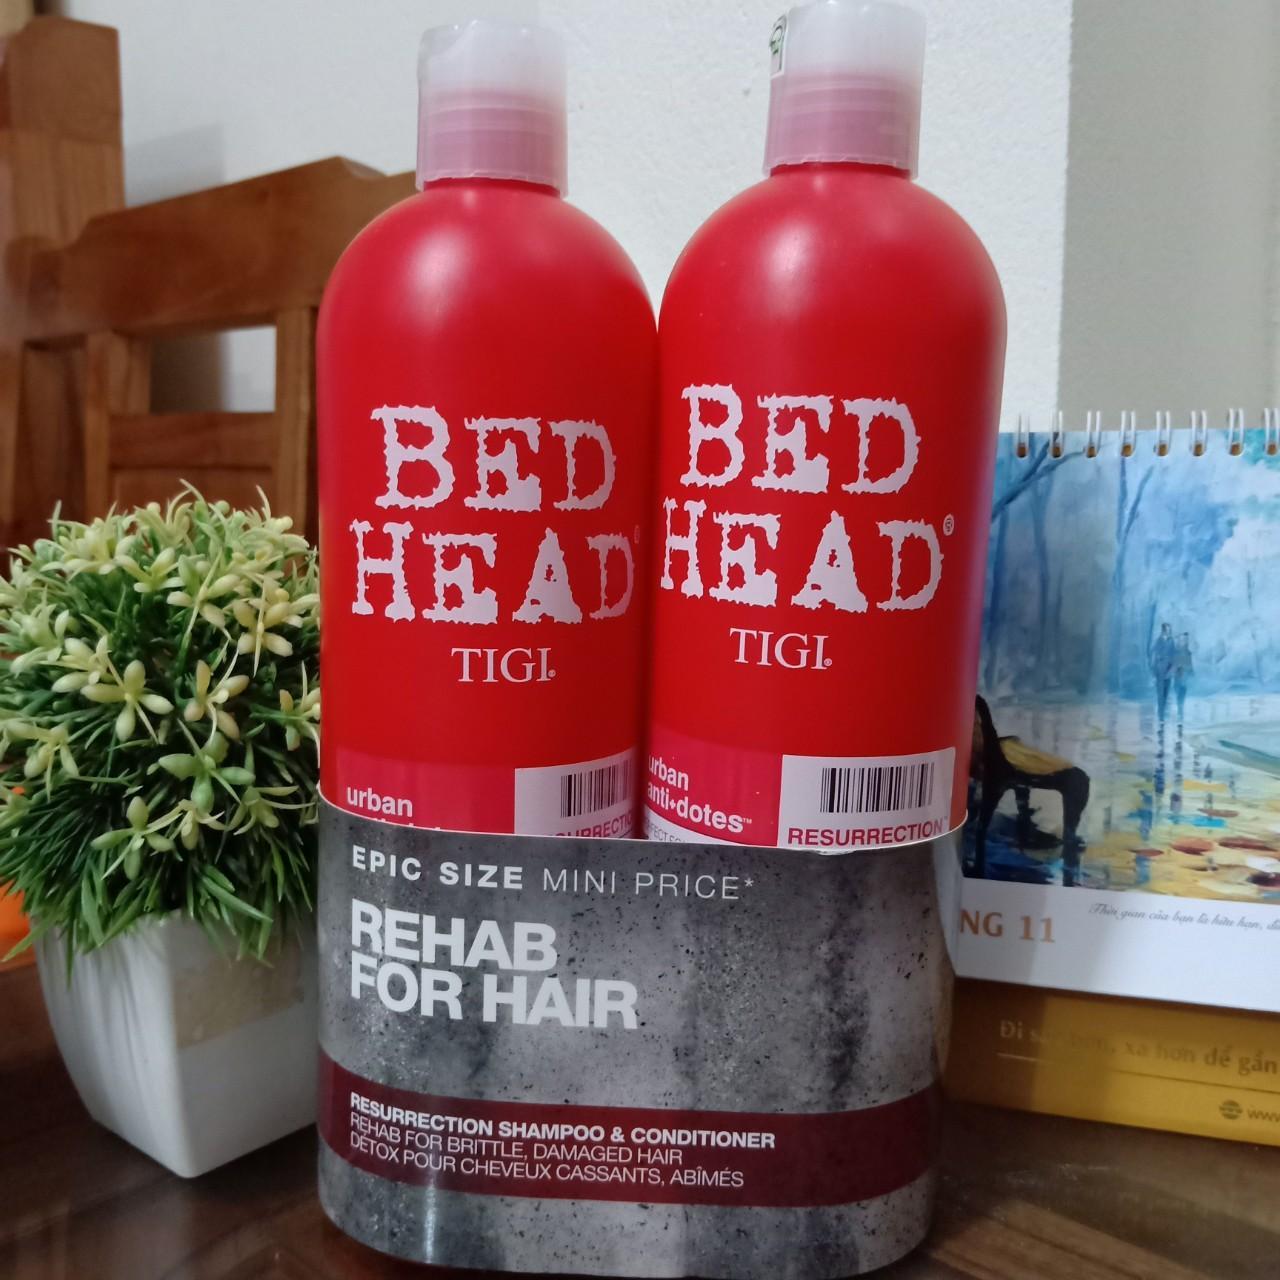 Dầu gội TIGI BED HEAD 750ml giá rẻ